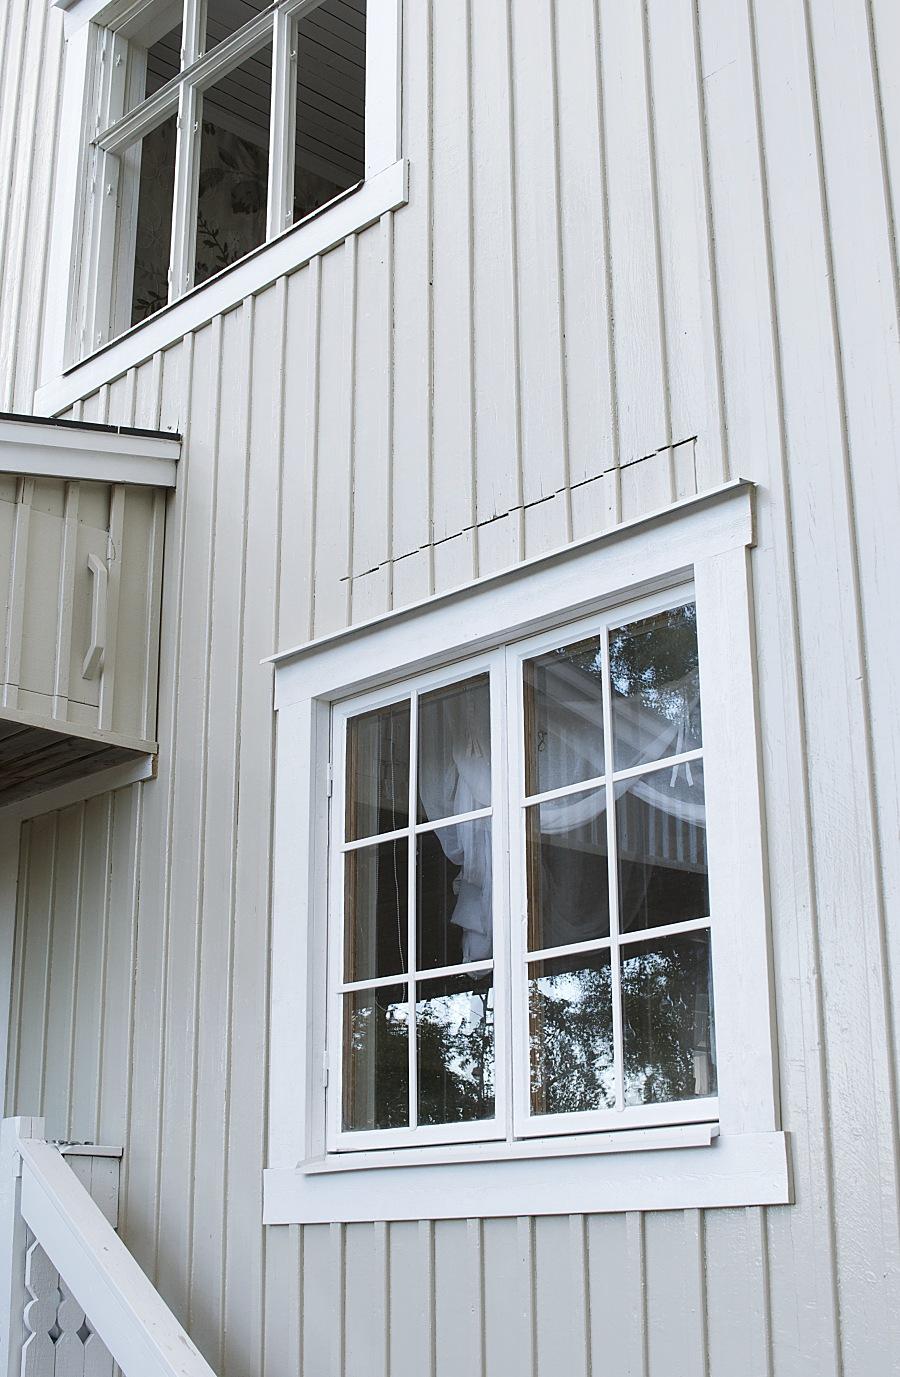 måla om huset själv, renovera gamla fönster, kitt, flugger färg